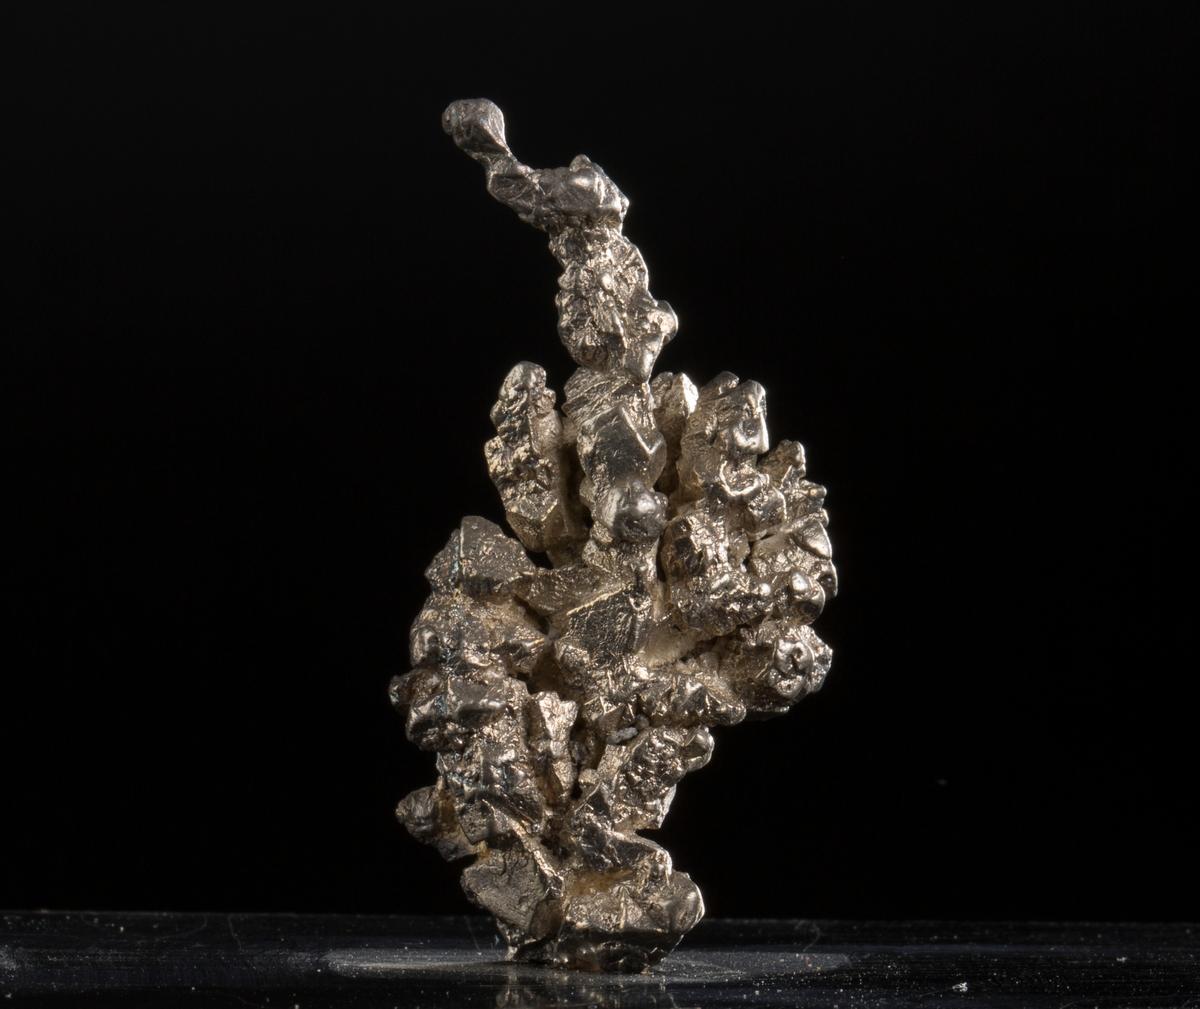 """""""Sjøplante"""" på svart plate med påskrift: """"49 gr br, 23 gr n, Sjøplante, BVM 3240"""" Vekt: 48,36 g (med sokkel), 23 g (netto) Størrelse: 5 x 4,3 x 2,5 cm"""